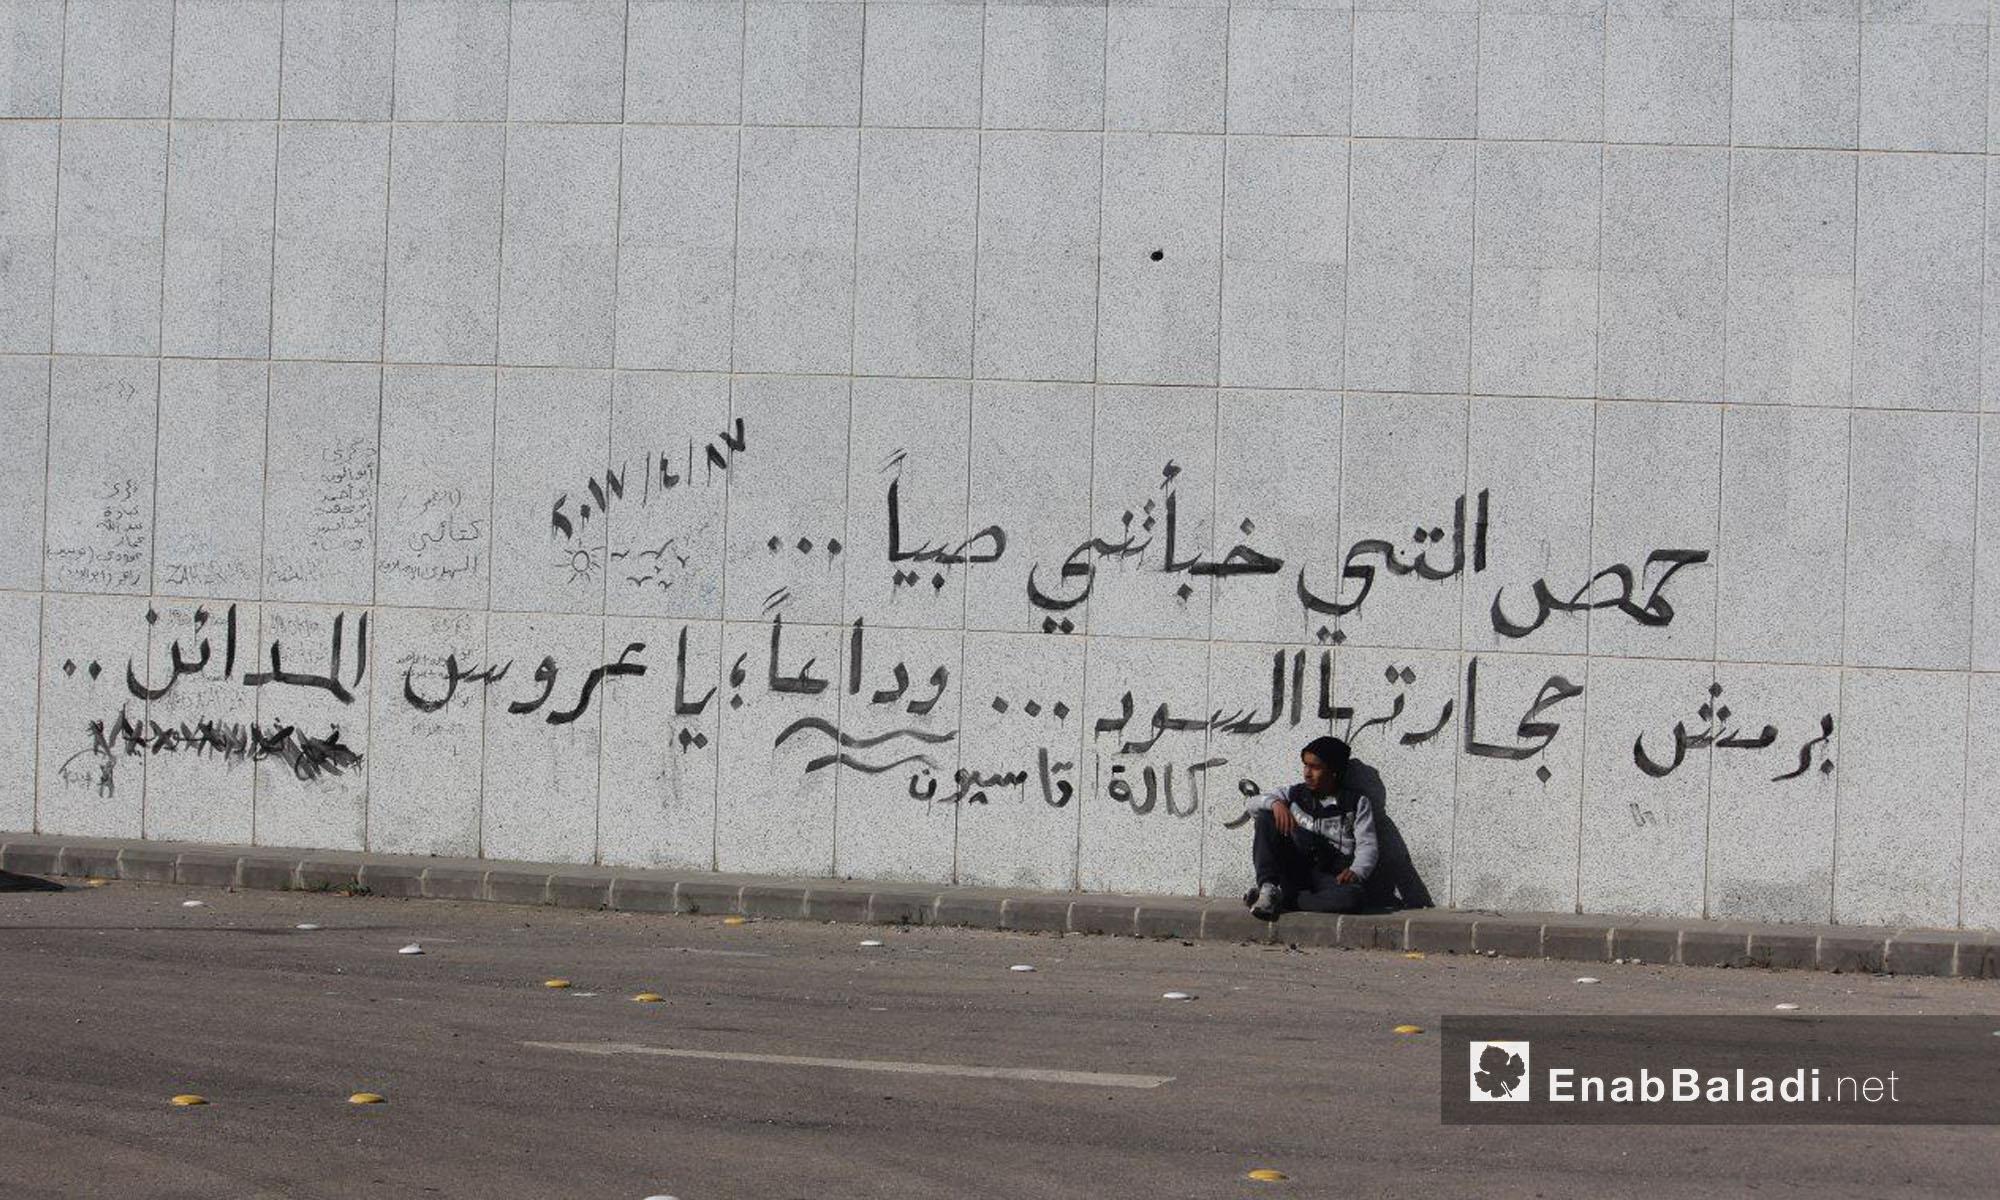 عبارة كتبها مهجرو الوعر على جدارٍ في الحي قبل خروجهم إلى جرابلس- 24 نيسان 2017 (عنب بلدي)